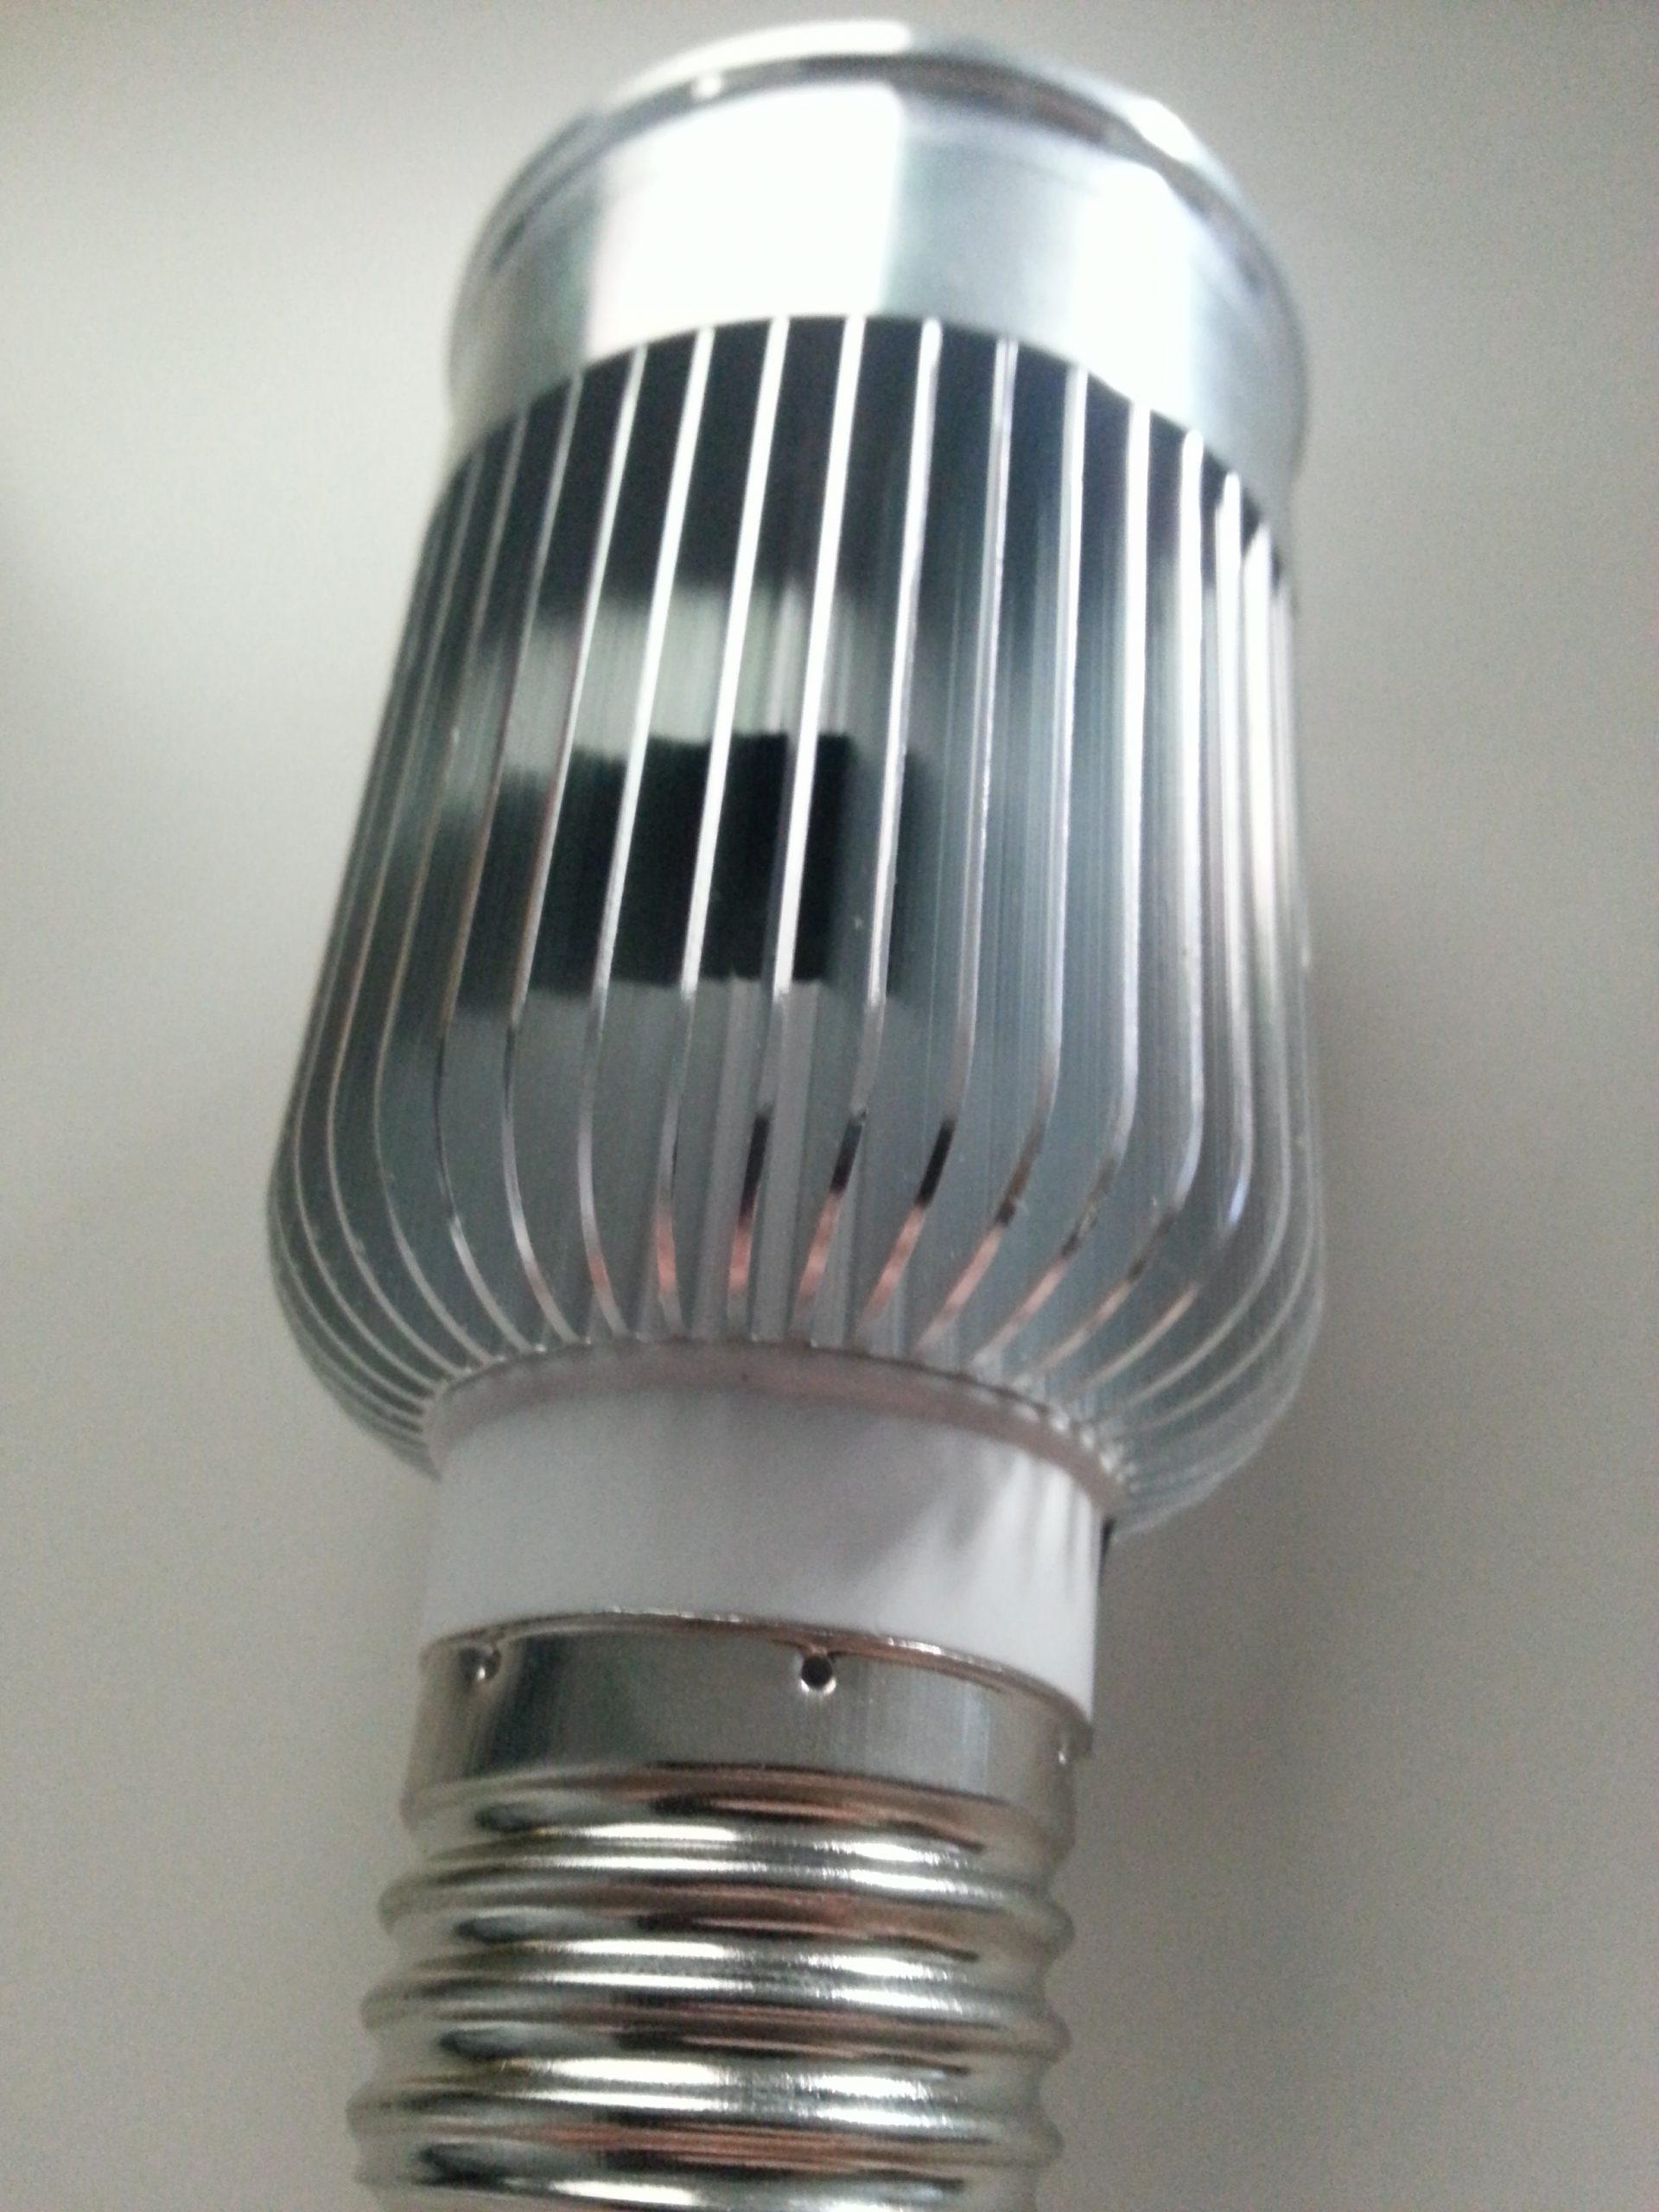 Led lampor är framtidens ljus och är mycket energisnåla